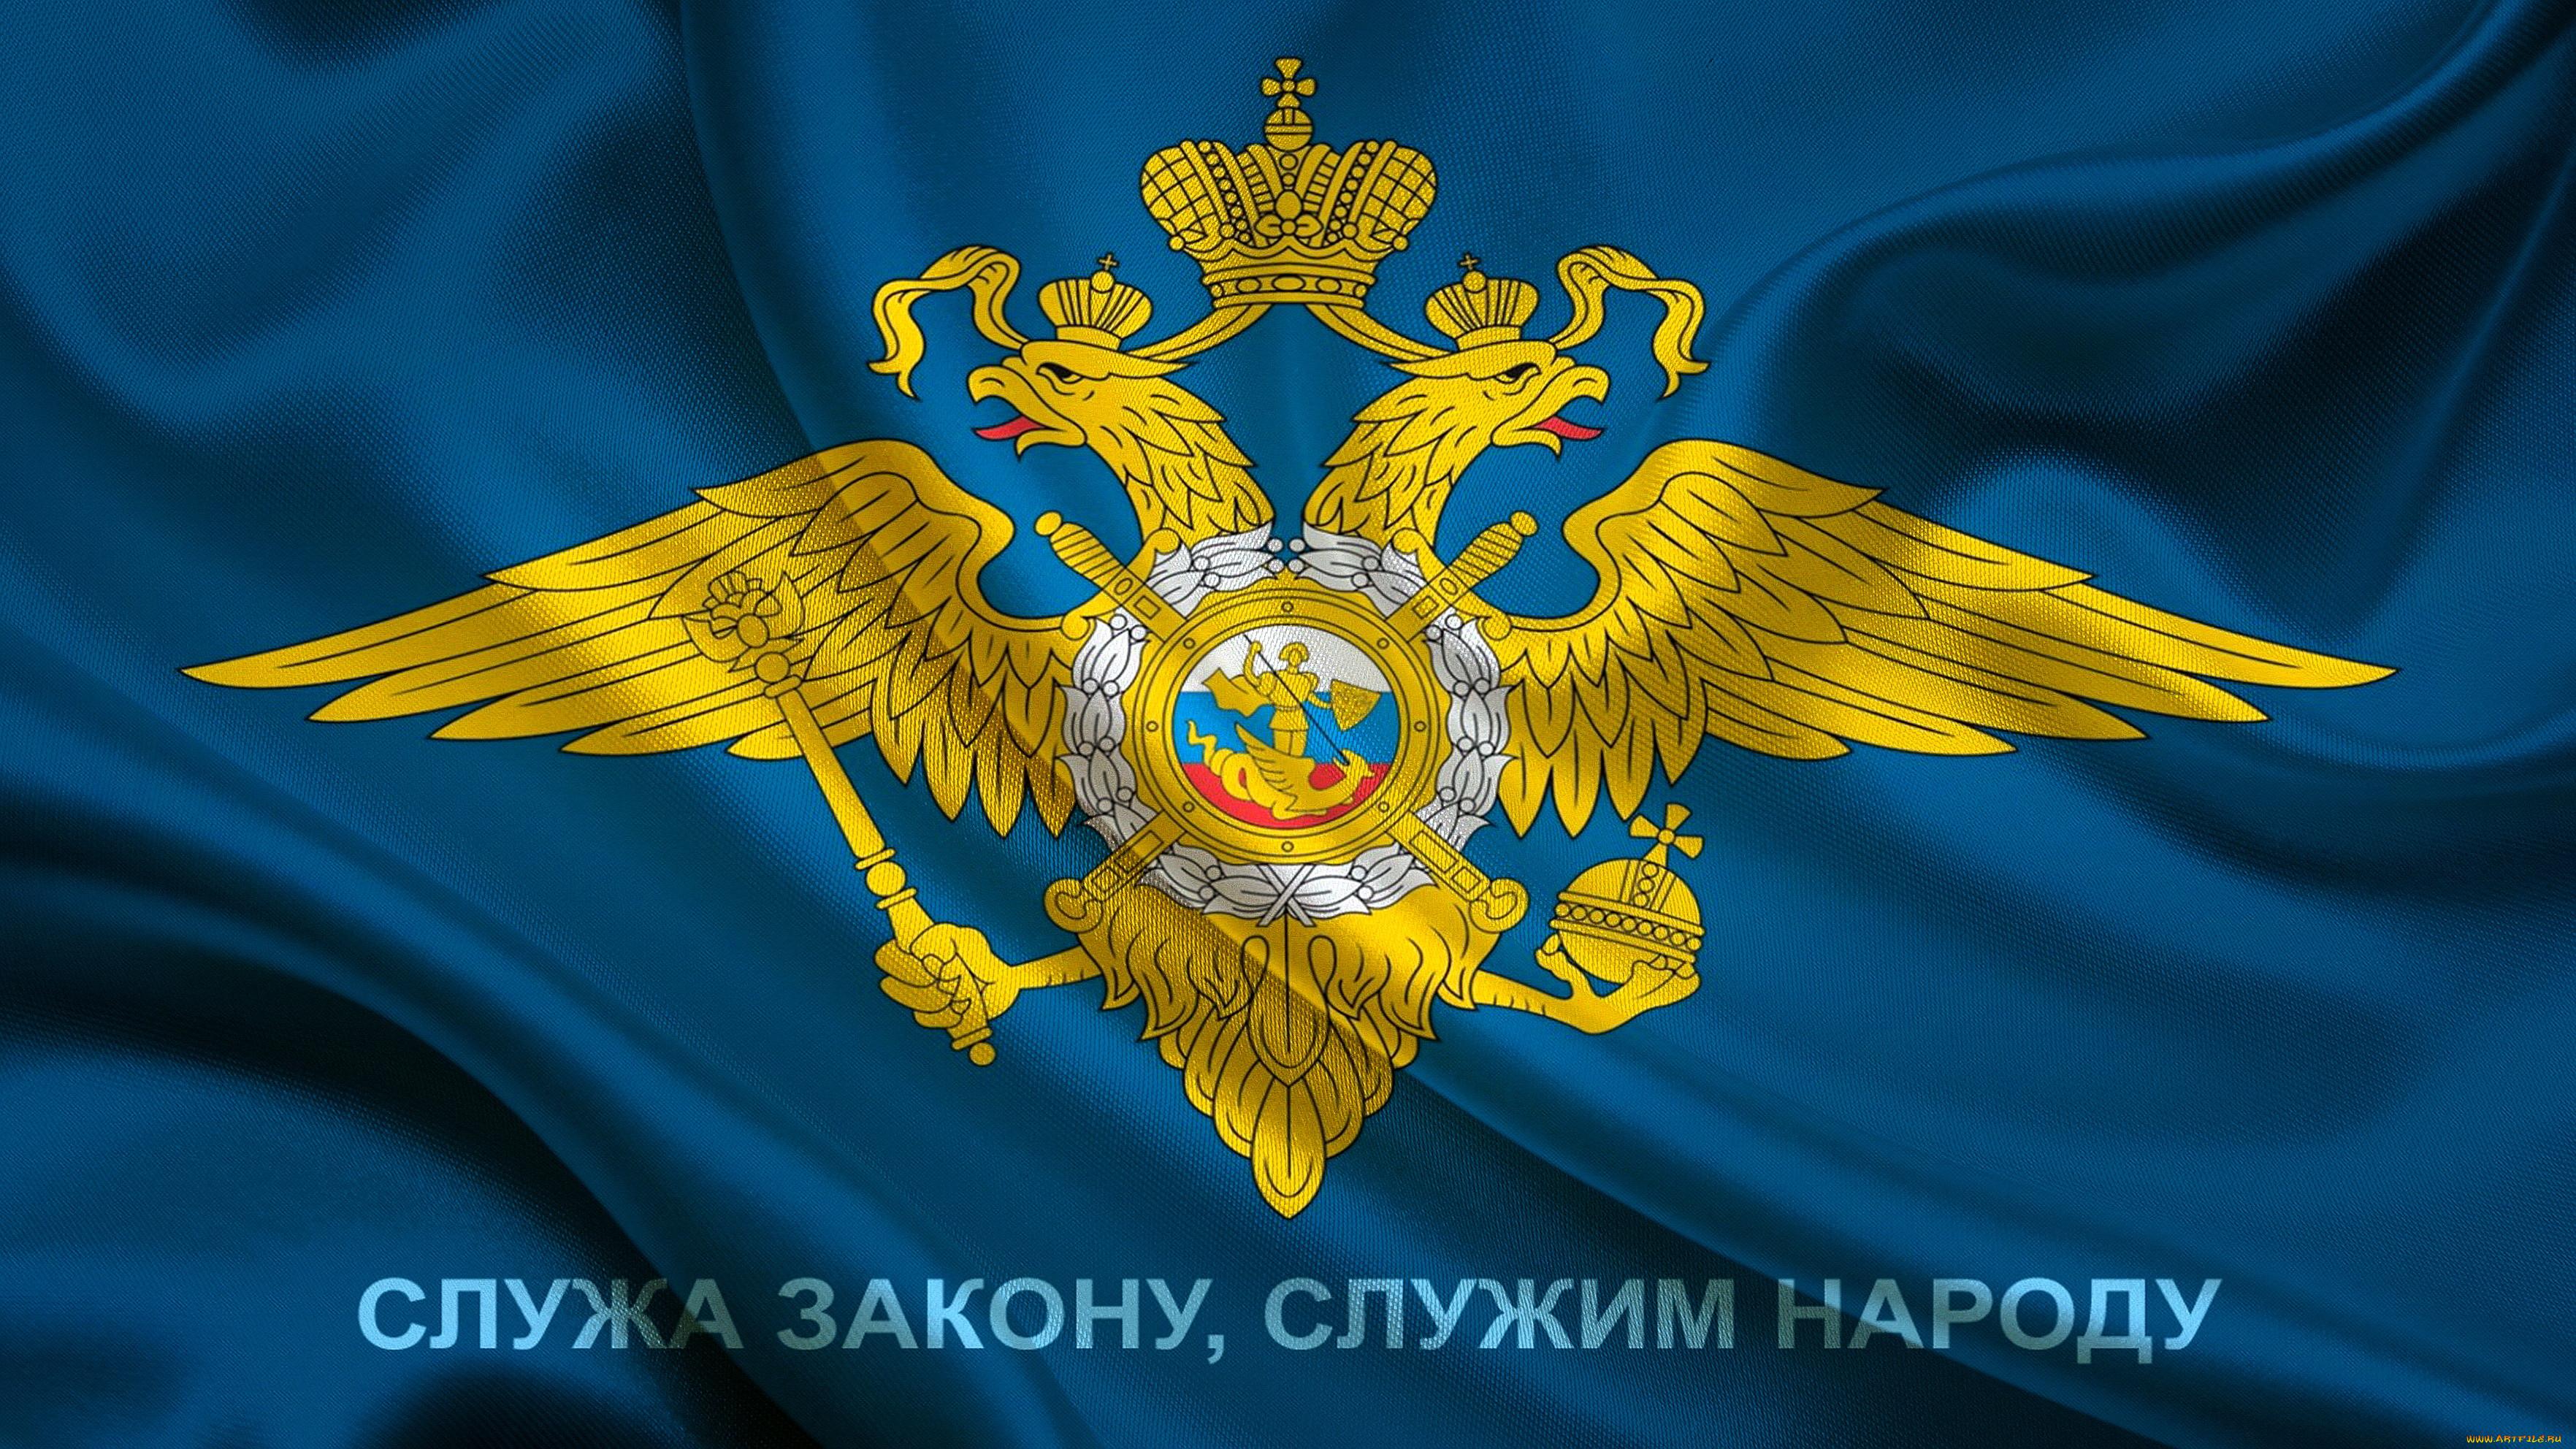 Воронеж обои для рабочего стола